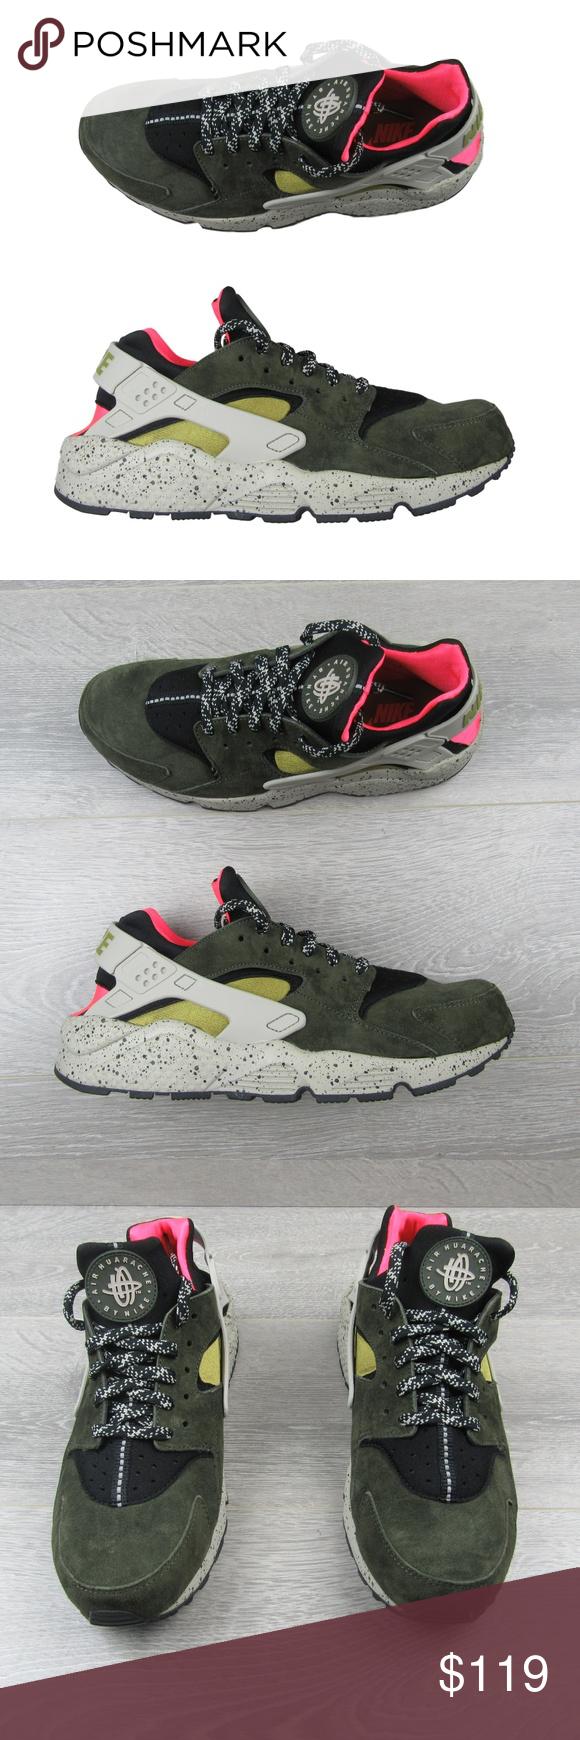 Nike Air Huarache Premium Running Shoes New   Nike air